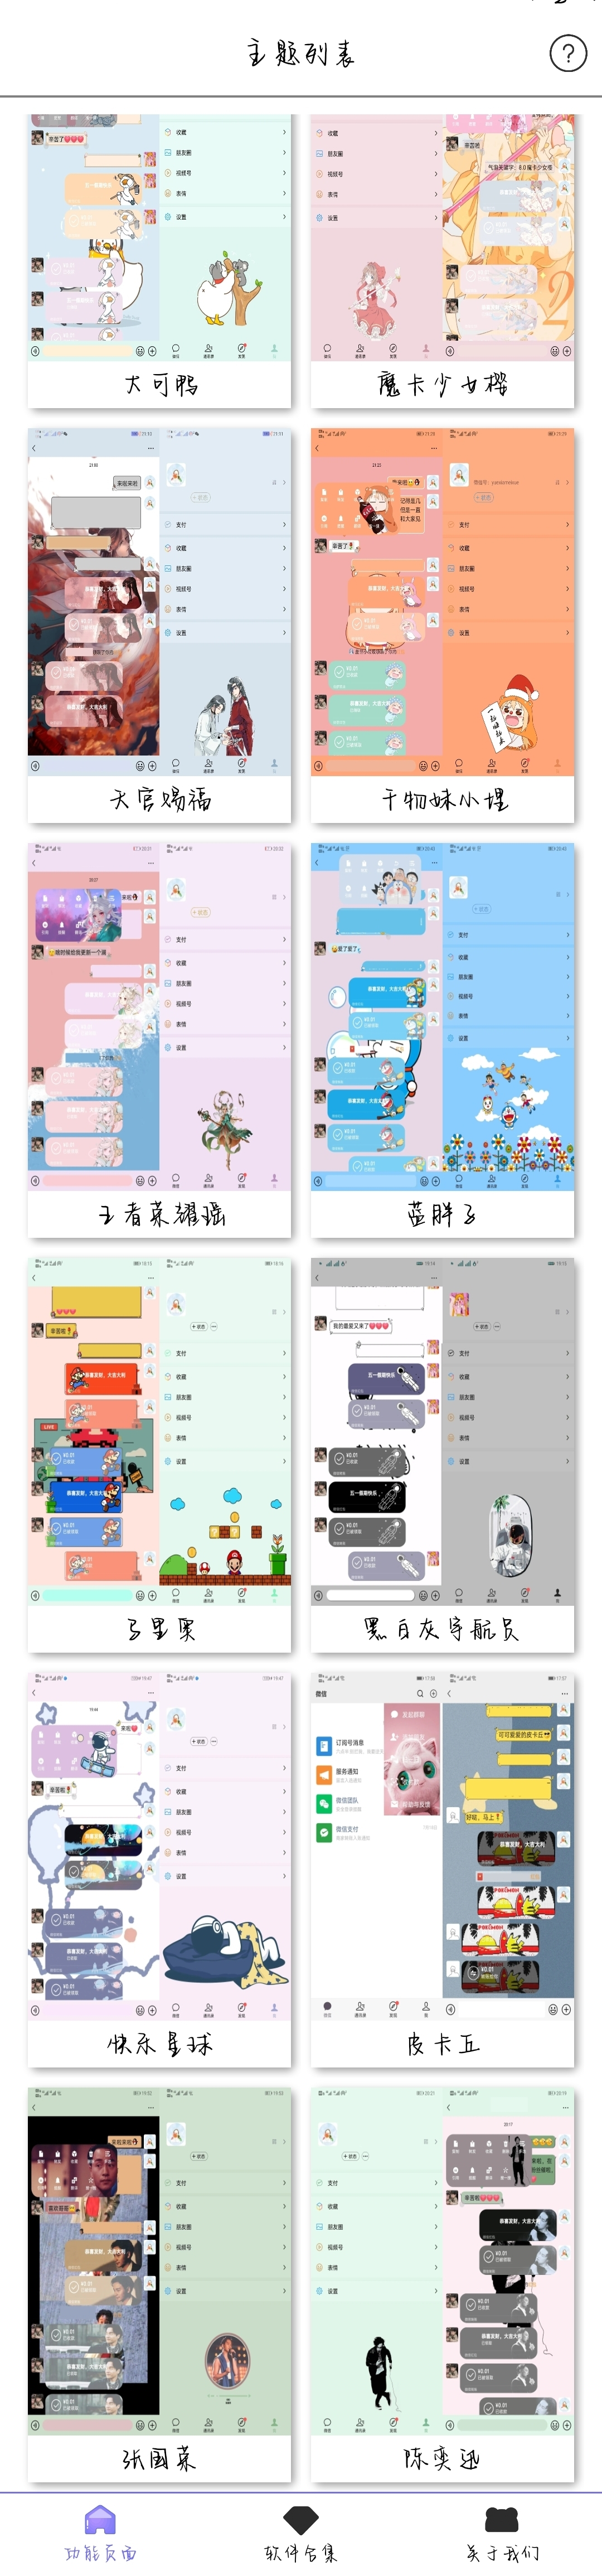 Screenshot_20210508_153941.jpg